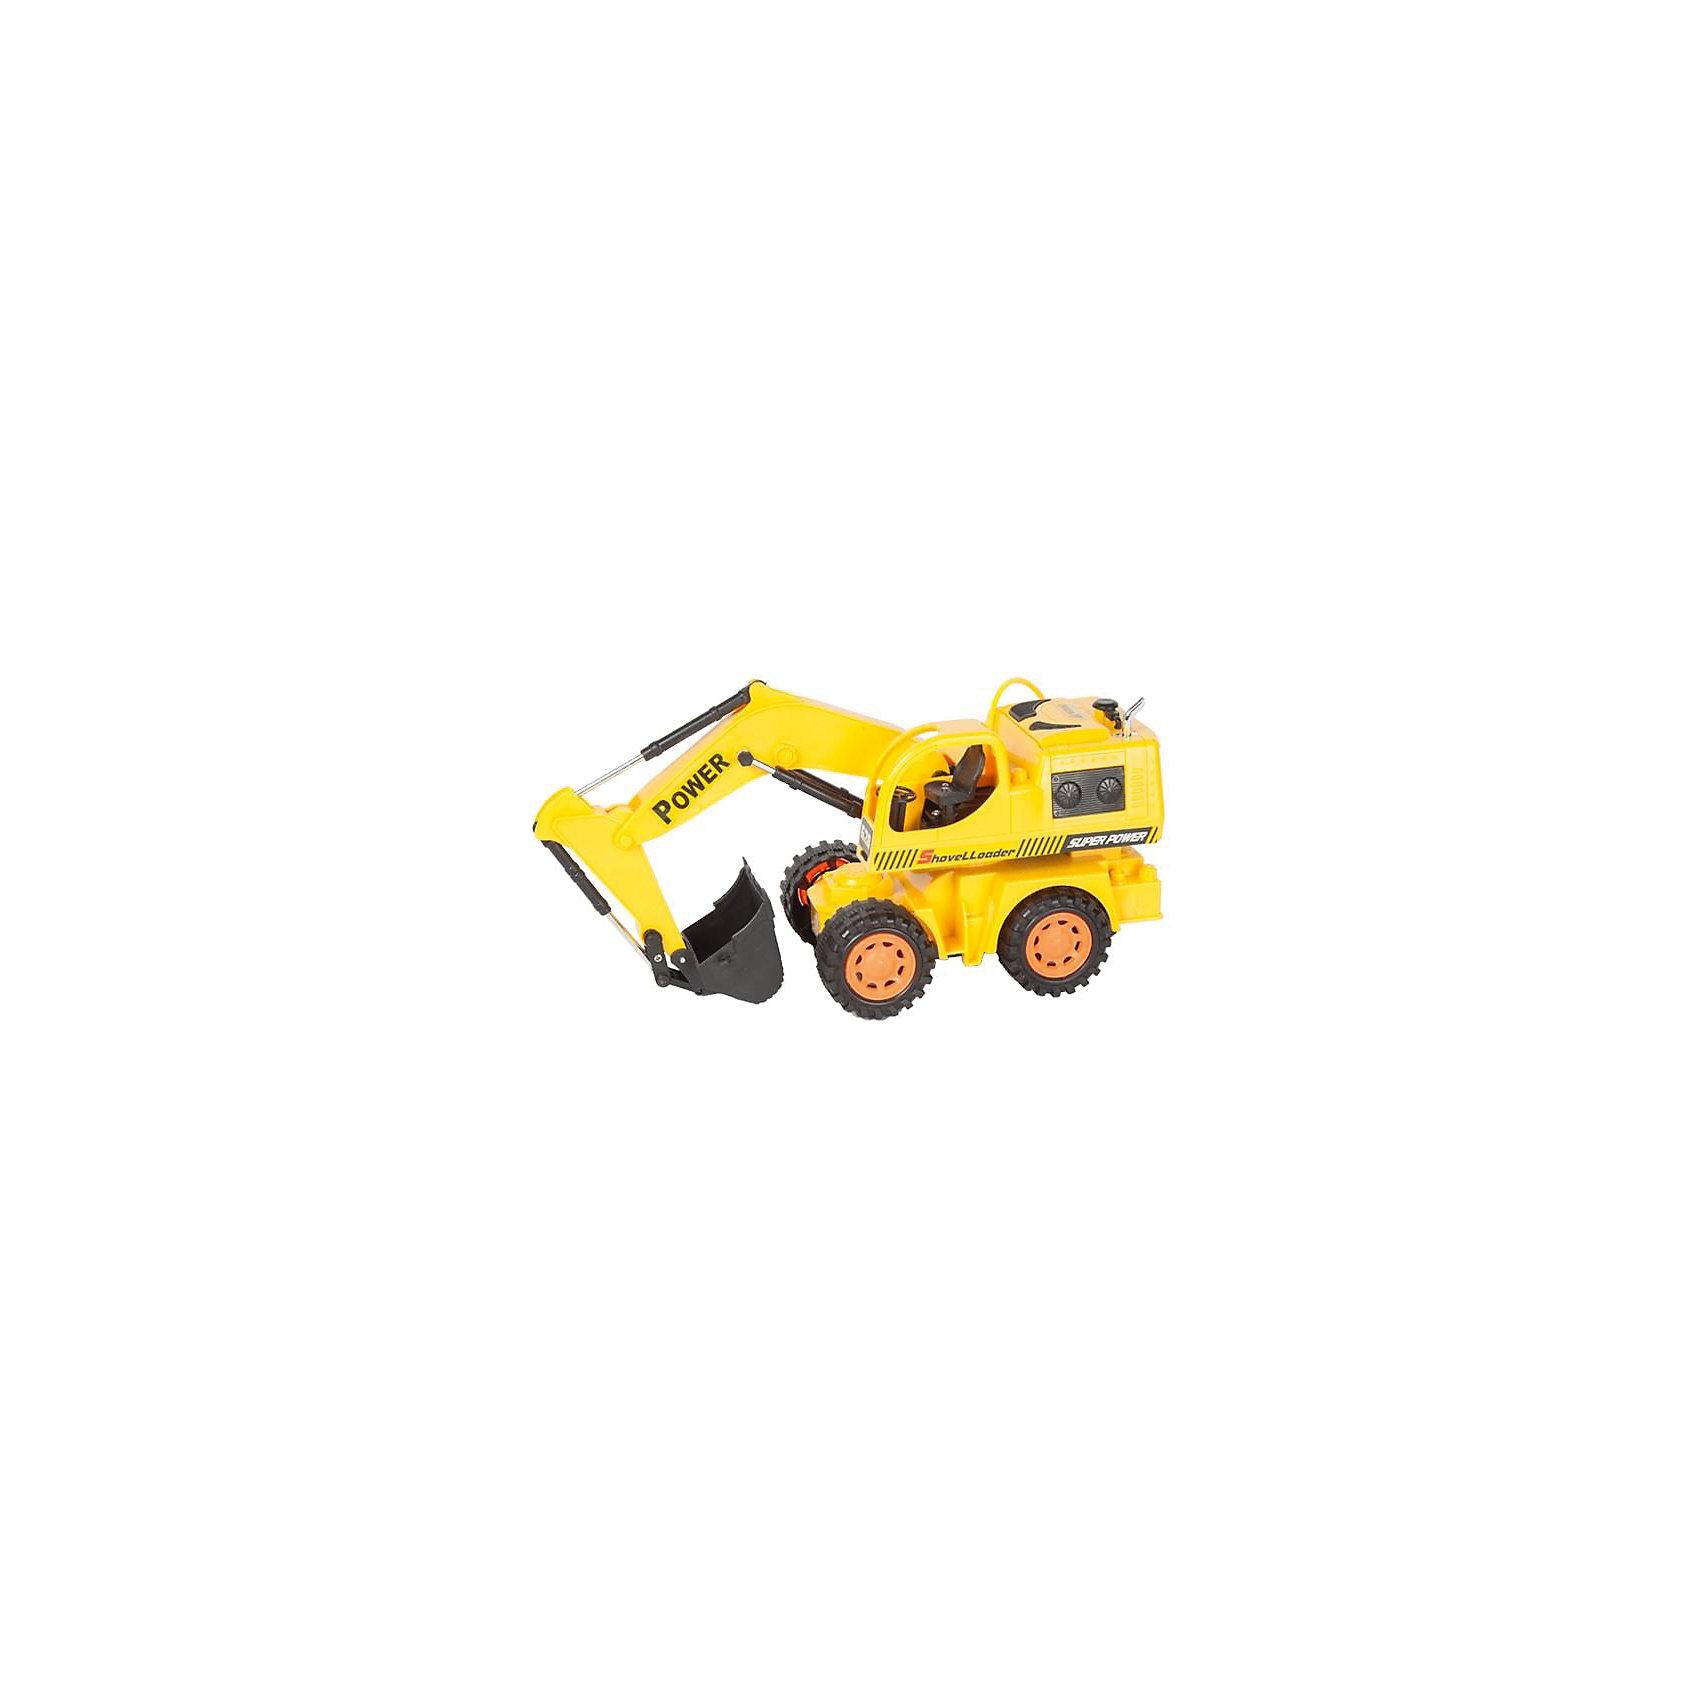 Экскаватор колёсный на р/у строительный, Mioshi TechИдеи подарков<br>Характеристики товара:<br><br>• возраст от 6 лет;<br>• материал: пластик;<br>• в комплекте: экскаватор, пульт, зарядное устройство, 2 батарейки АА для пульта, 4 аккумуляторных батарейки для игрушки;<br>• длина игрушки 29,6 см;<br>• размер упаковки 34,5х15х17,5 см;<br>• вес упаковки 841 гр.;<br>• страна производитель: Китай.<br><br>Экскаватор колесный строительный Mioshi Tech — радиоуправляемая игрушка, которая умеет ездить во всех направлениях, поворачивать, а также выполнять трюки при нажатии специальных кнопок. Ковш экскаватора опускается и поднимается, изображая настоящие строительные работы. Игрушка оснащена световыми эффектами, делающими игру еще увлекательней. Экскаватор изготовлен из качественного прочного пластика.<br><br>Экскаватор колесный строительный Mioshi Tech можно приобрести в нашем интернет-магазине.<br><br>Ширина мм: 345<br>Глубина мм: 150<br>Высота мм: 175<br>Вес г: 841<br>Возраст от месяцев: 72<br>Возраст до месяцев: 2147483647<br>Пол: Мужской<br>Возраст: Детский<br>SKU: 5581254